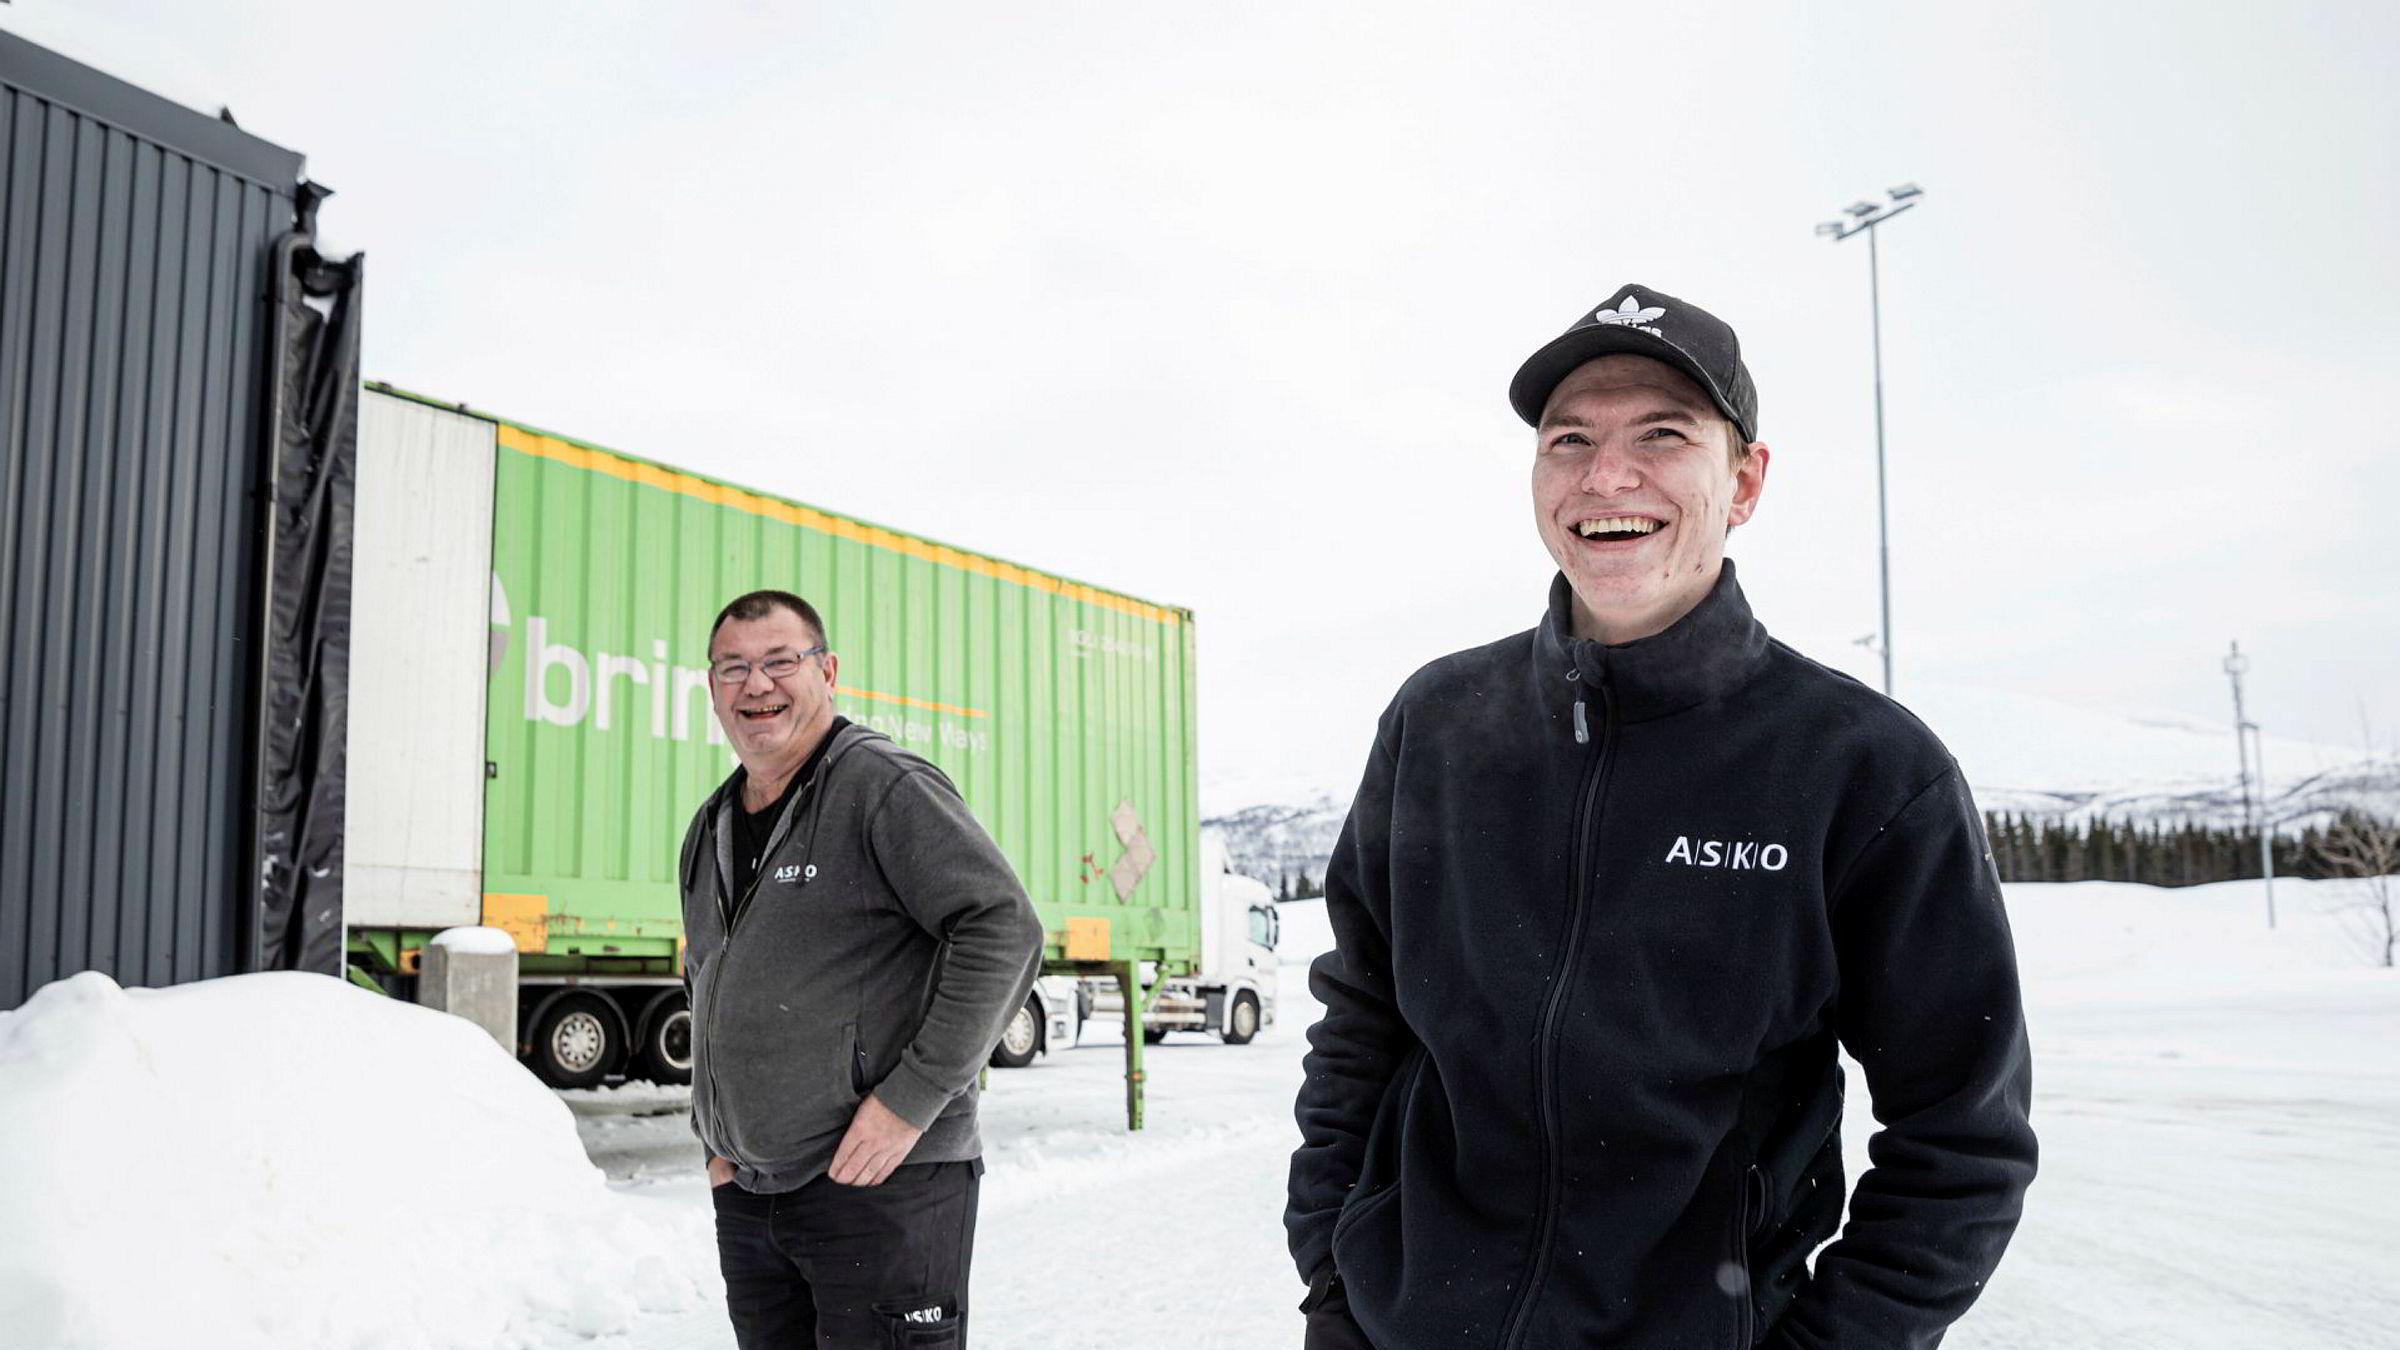 Elias Lockert (til høyre) ble permittert fra Macks ølbryggeri, men fikk seg kjapt jobb som truckfører hos Asko Nord. Her sammen med Asko-sjåfør Anstein Skjønsberg, som også har travle dager. Foto: Marius Fiskum